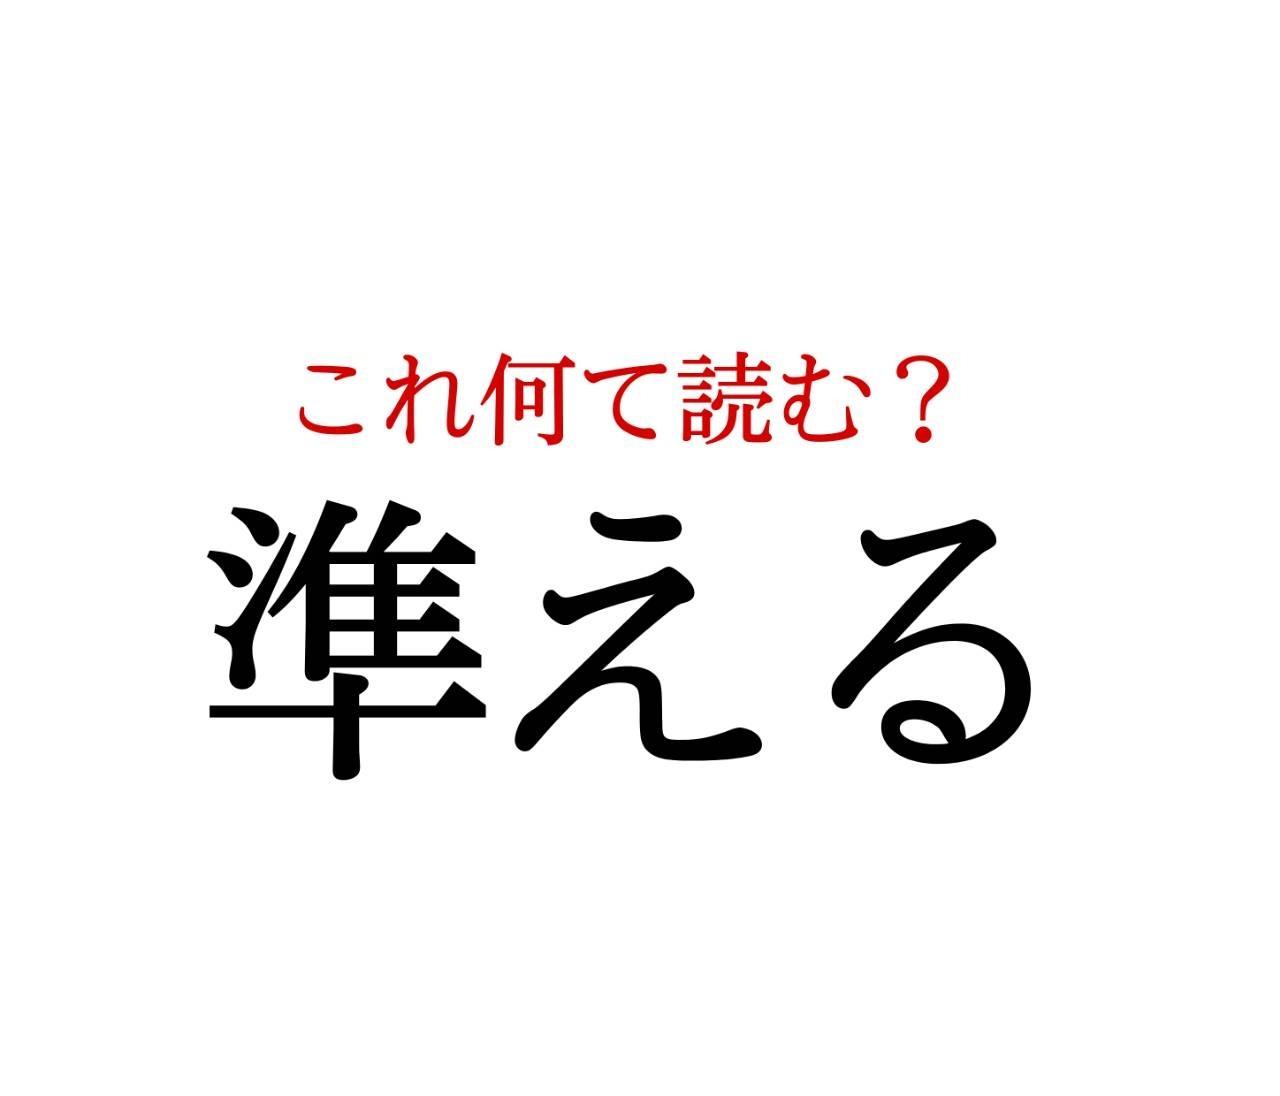 「準える」:この漢字、自信を持って読めますか?【働く大人の漢字クイズvol.65】